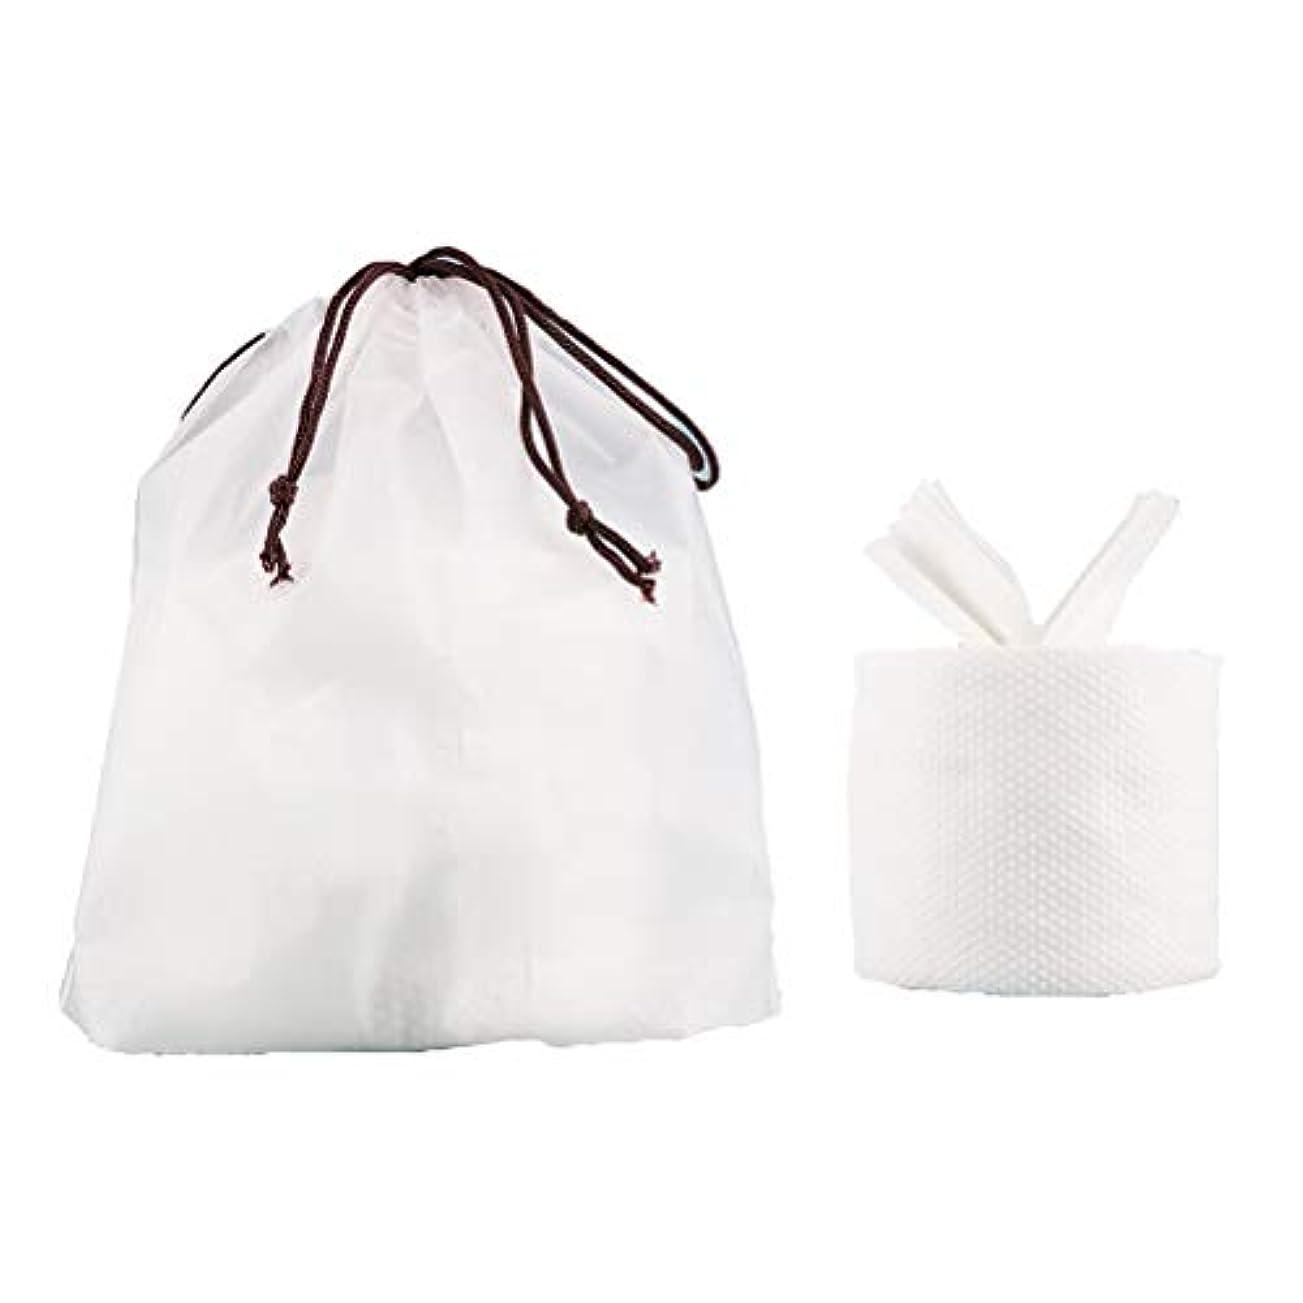 広まった蓮増強するSUPVOX 2ピース使い捨てフェイシャルタオル50枚旅行用化粧落とし用綿ティッシュ